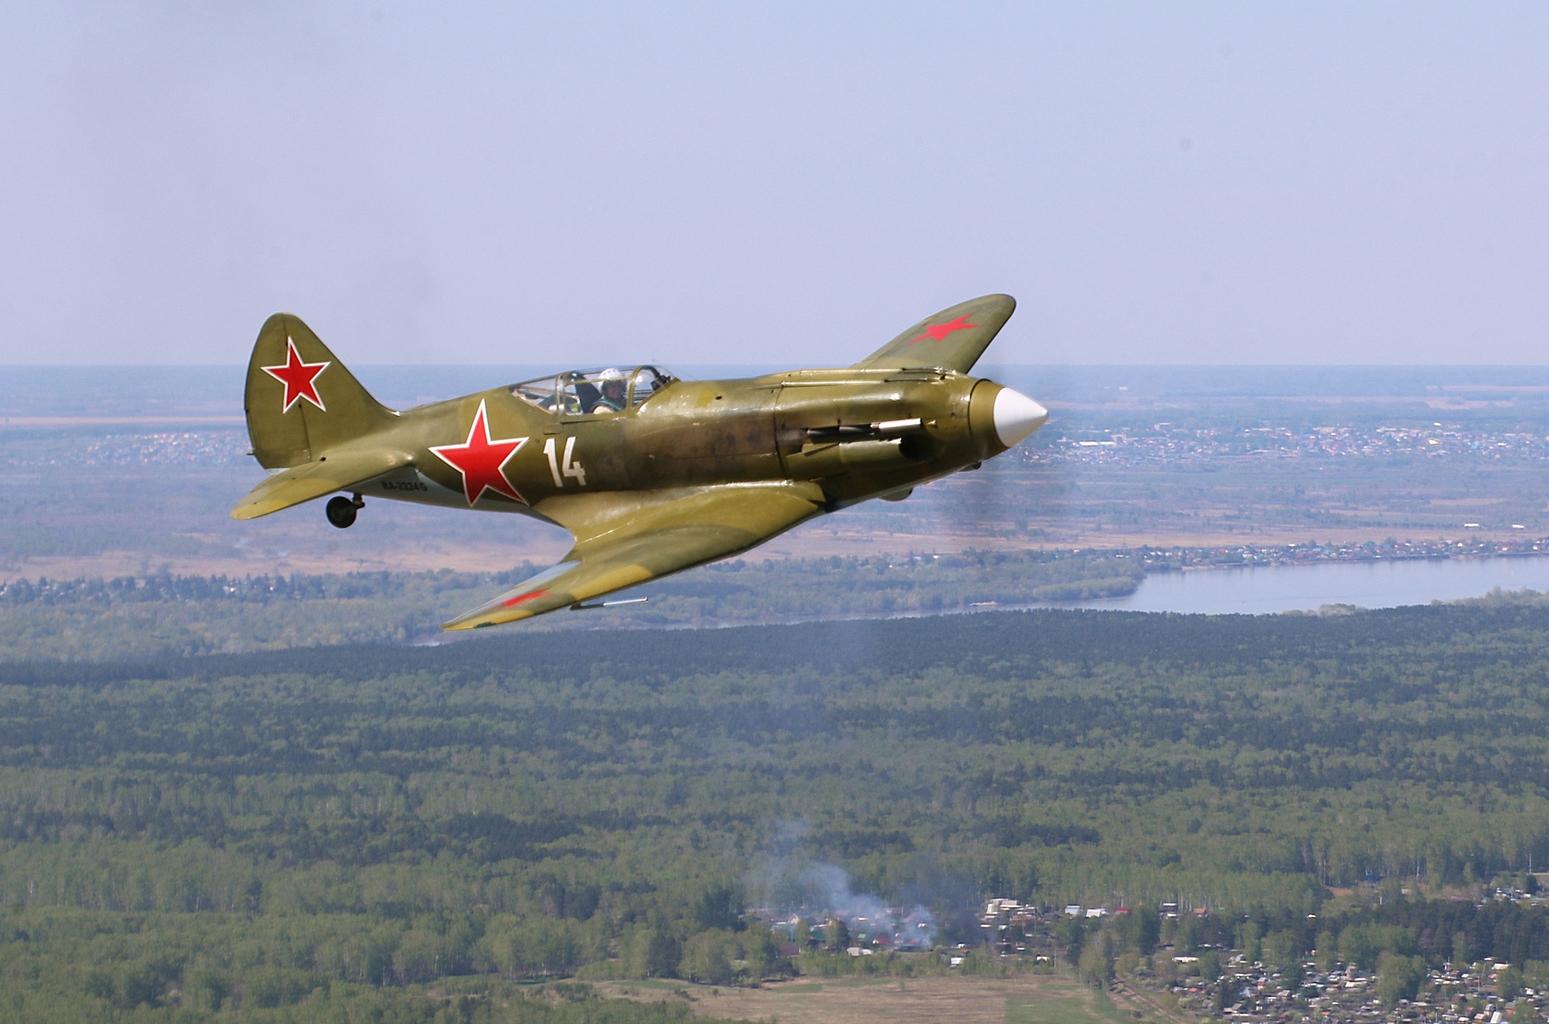 Restaurált Mig 3 repülőgép bemutató repülése Novoszibirkszkben 2020 augusztusában #moszkvater